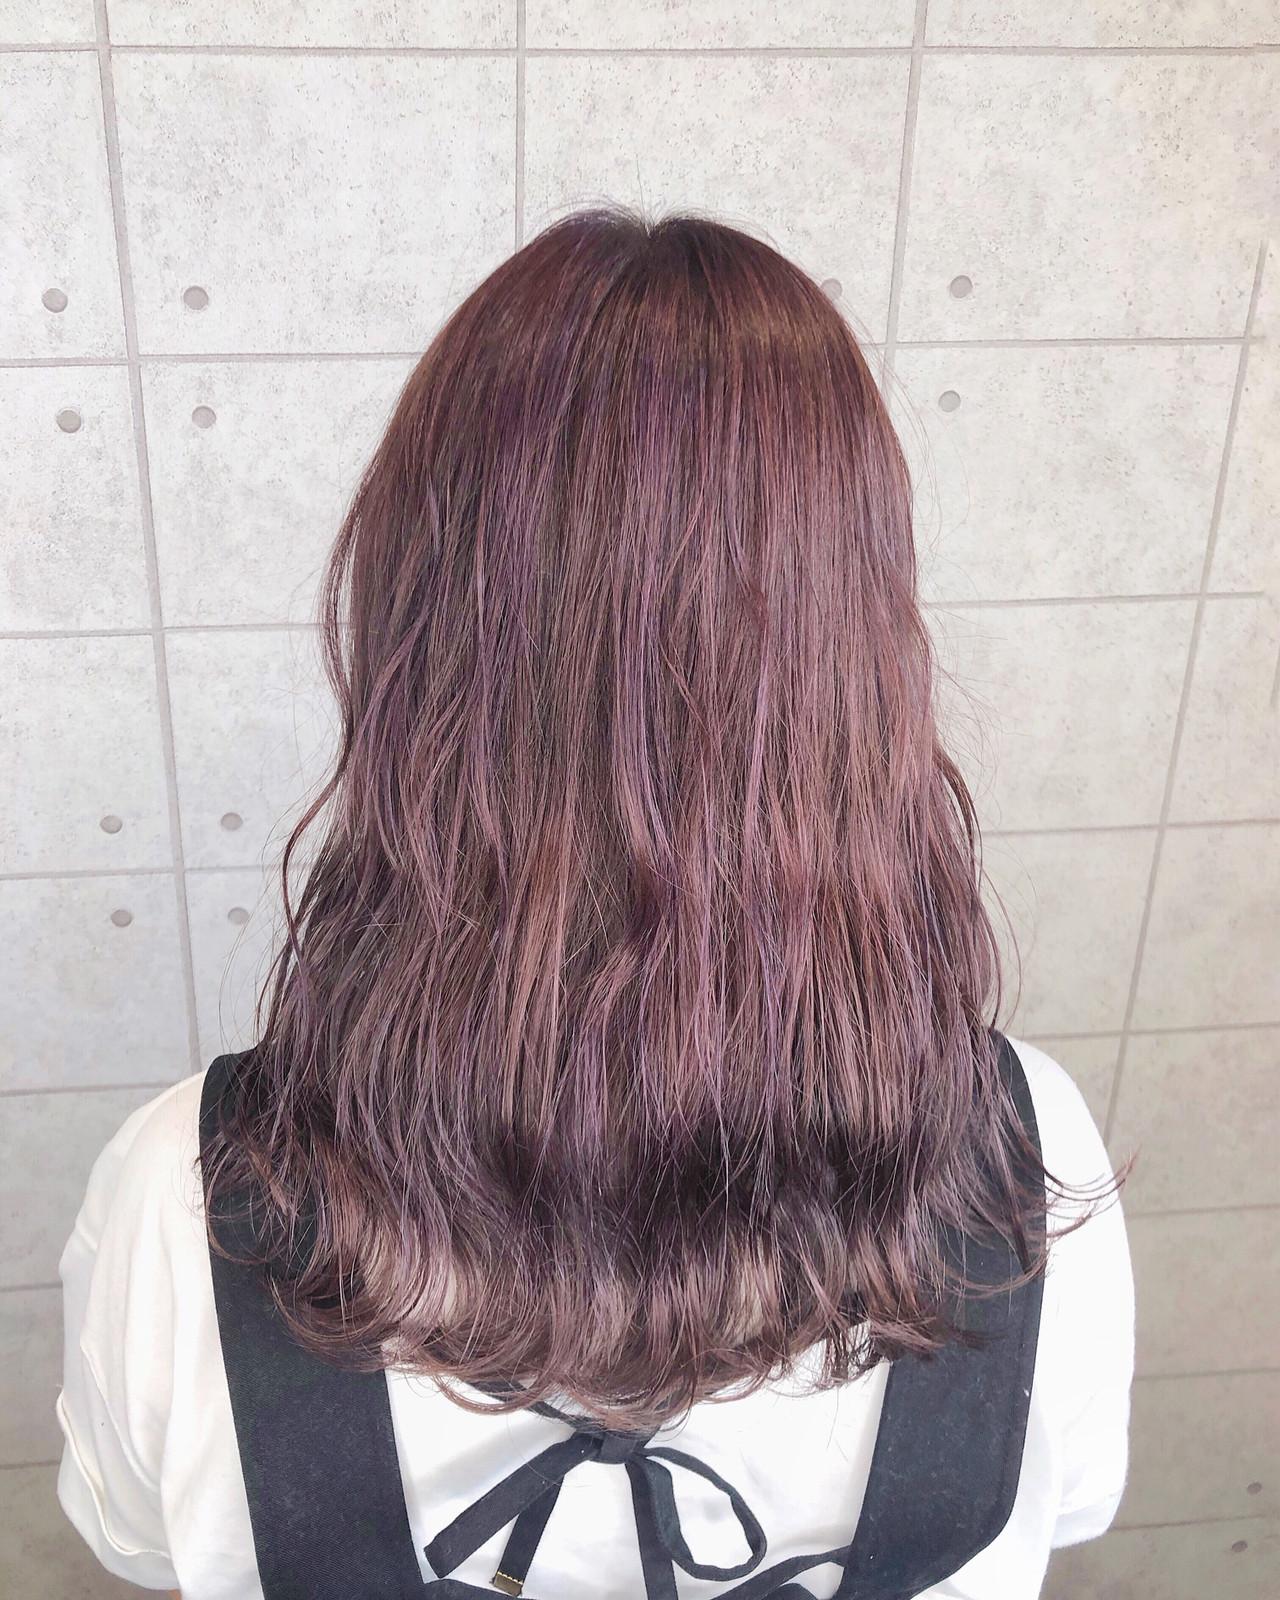 モード セミロング ピンクパープル クリーミーカラー ヘアスタイルや髪型の写真・画像